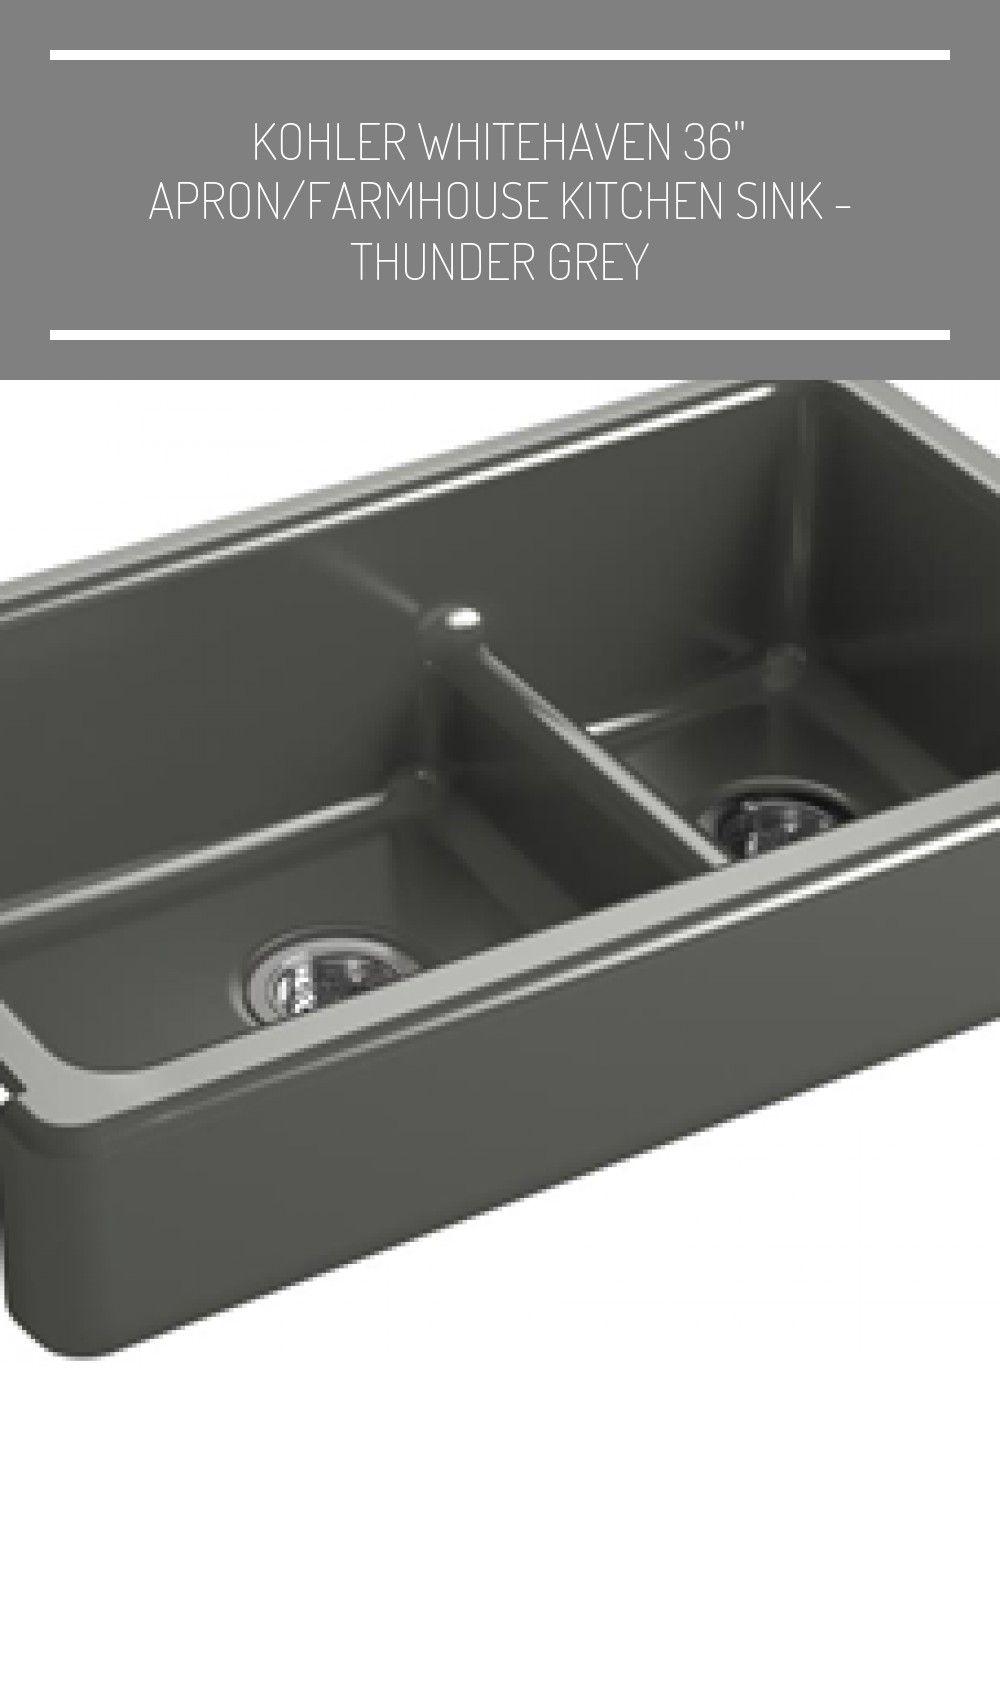 Kohler Whitehaven 36 2020 Farmhouse Sink Faucet Double Bowl